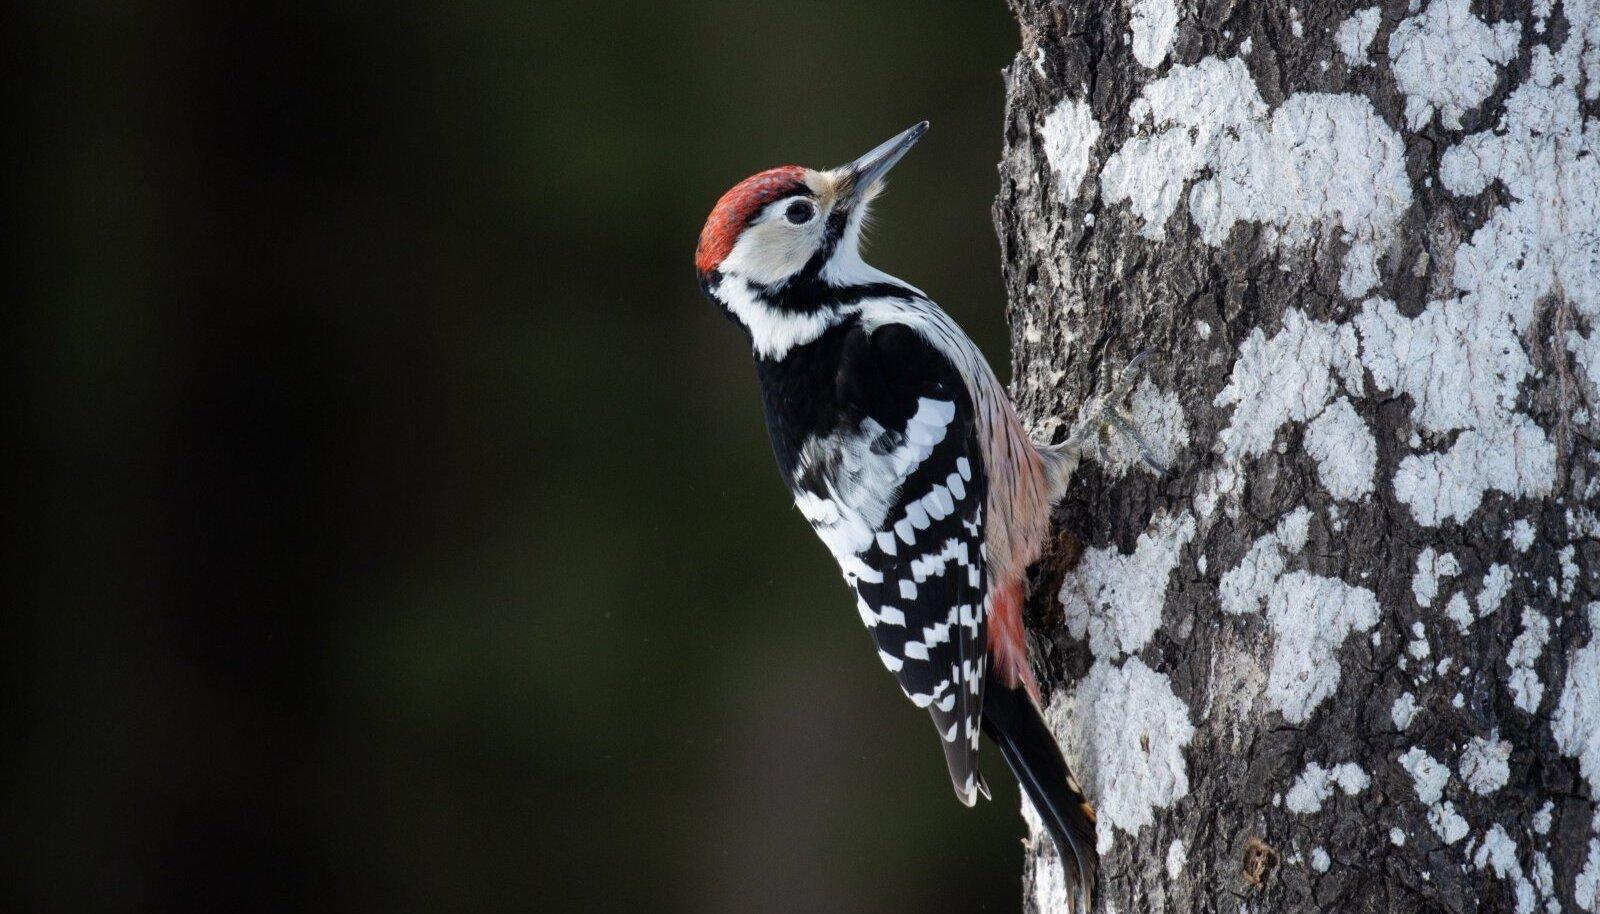 Peamiselt toetuvad valgeselg-kirjurähnid kõdunevas puidus leiduvale. Ta on äratuntav triibulise rinna ning kirju selja poolest.